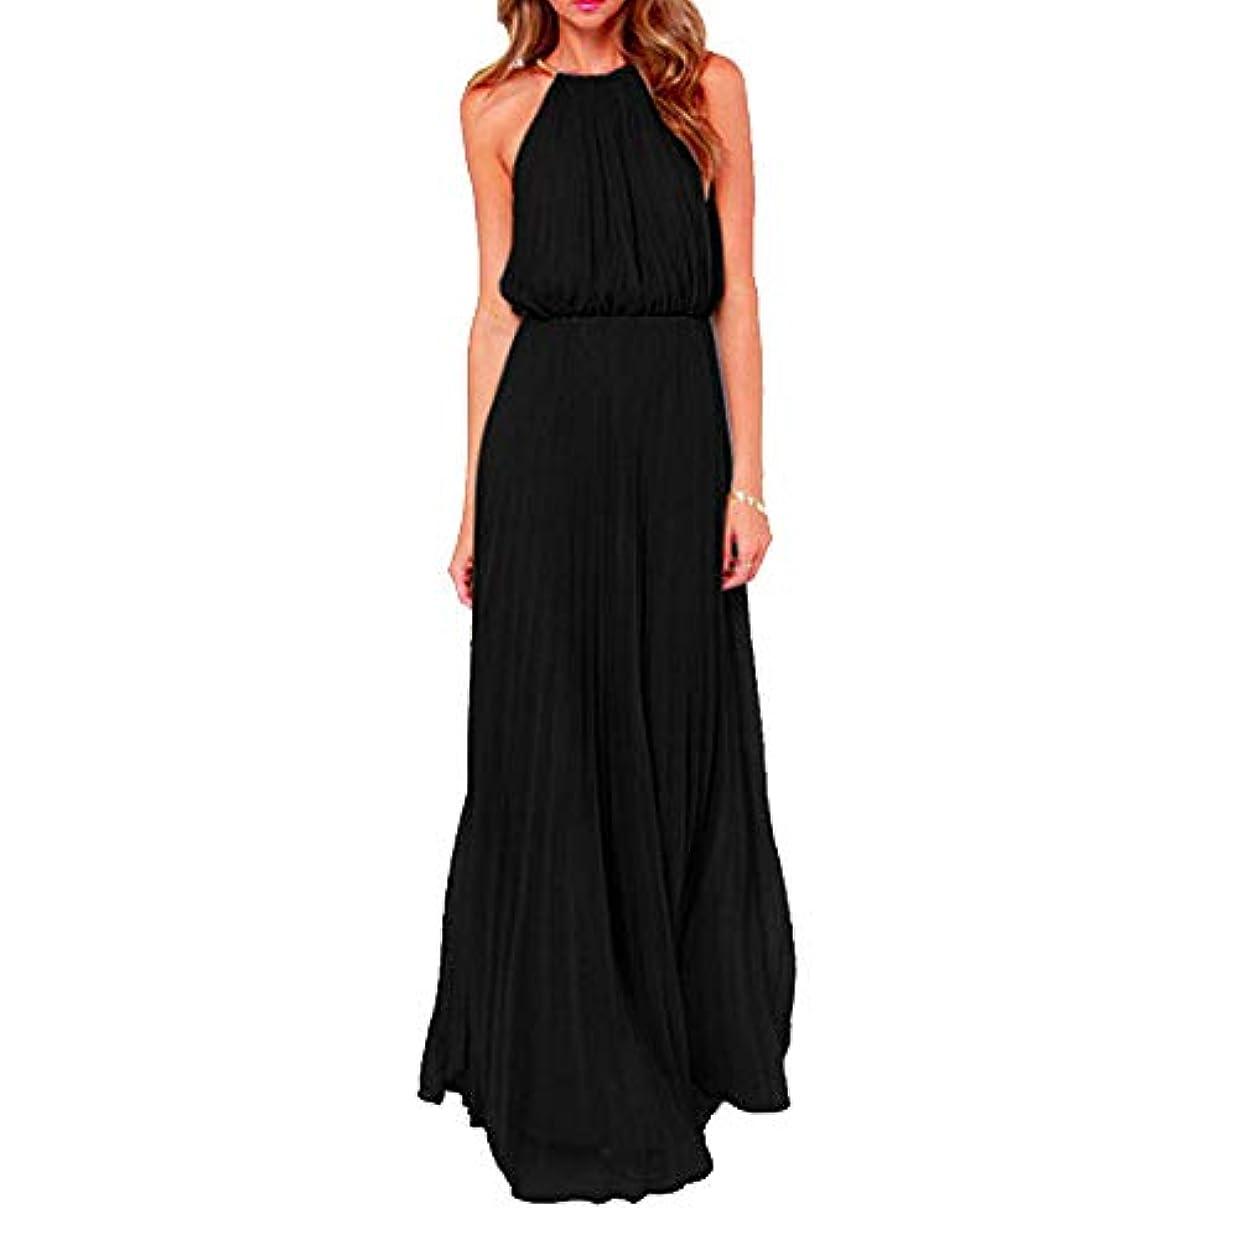 フルーツコートコートMIFANロングドレス、セクシーなドレス、エレガント、女性のファッション、ノースリーブのドレス、ファッションドレス、ニット、スリム